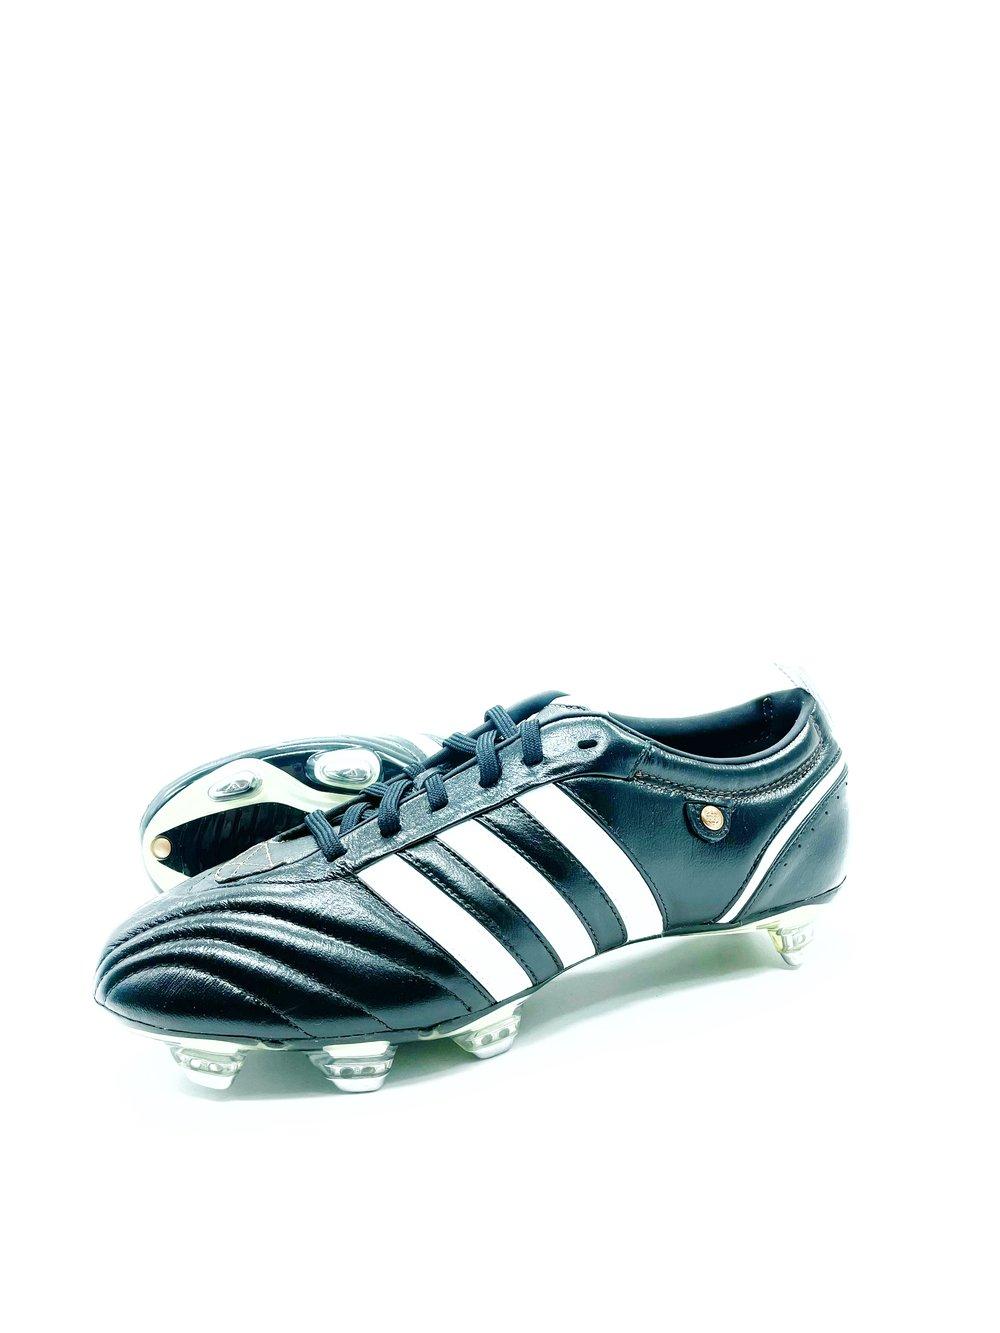 Image of Adidas Adipure I SG black